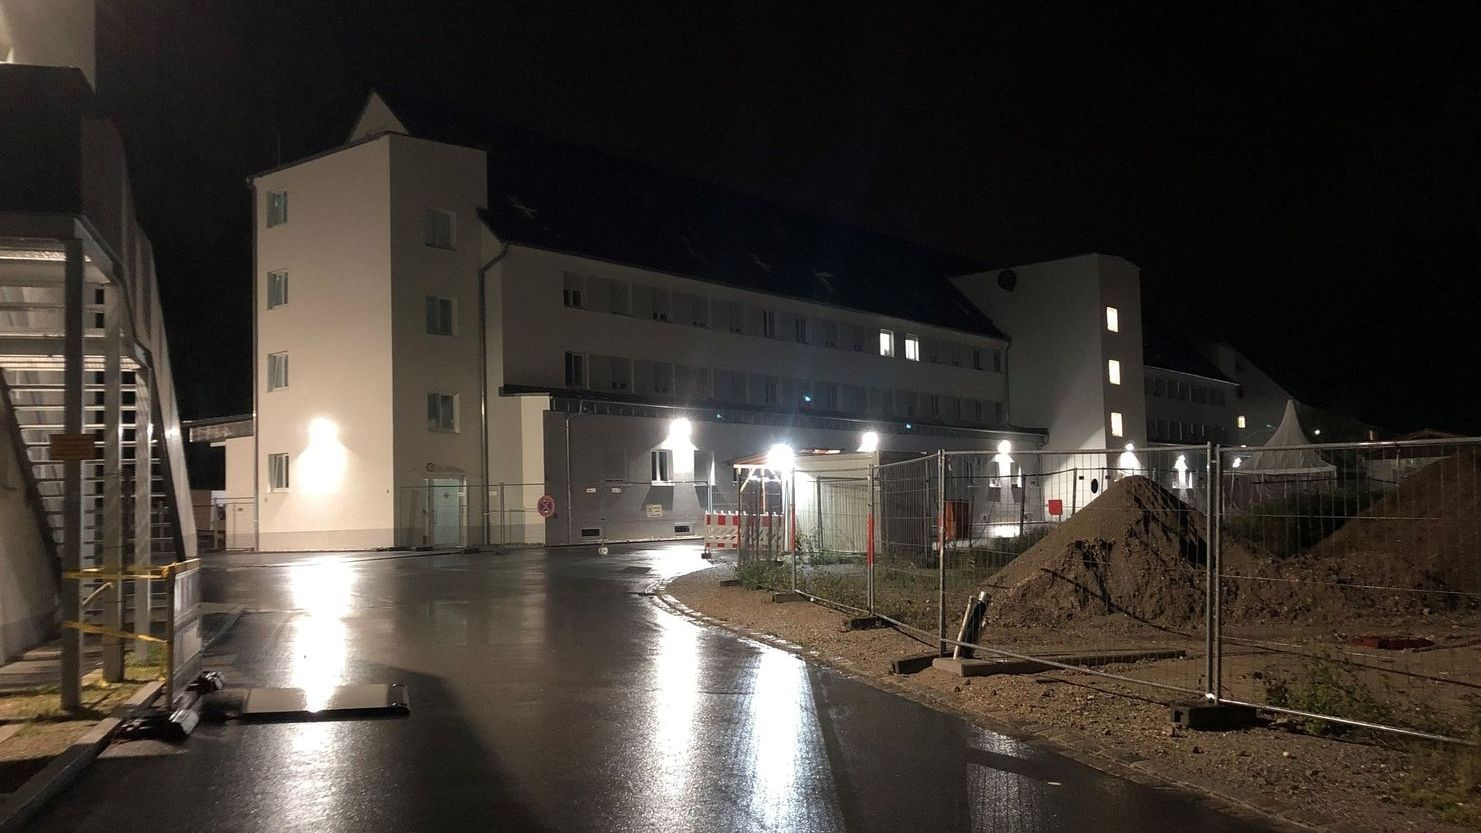 Im Sommer 2019 wurden Polizei und Rettungsdienst zu einem Großeinsatz ins Ankerzentrum Deggendorf gerufen.